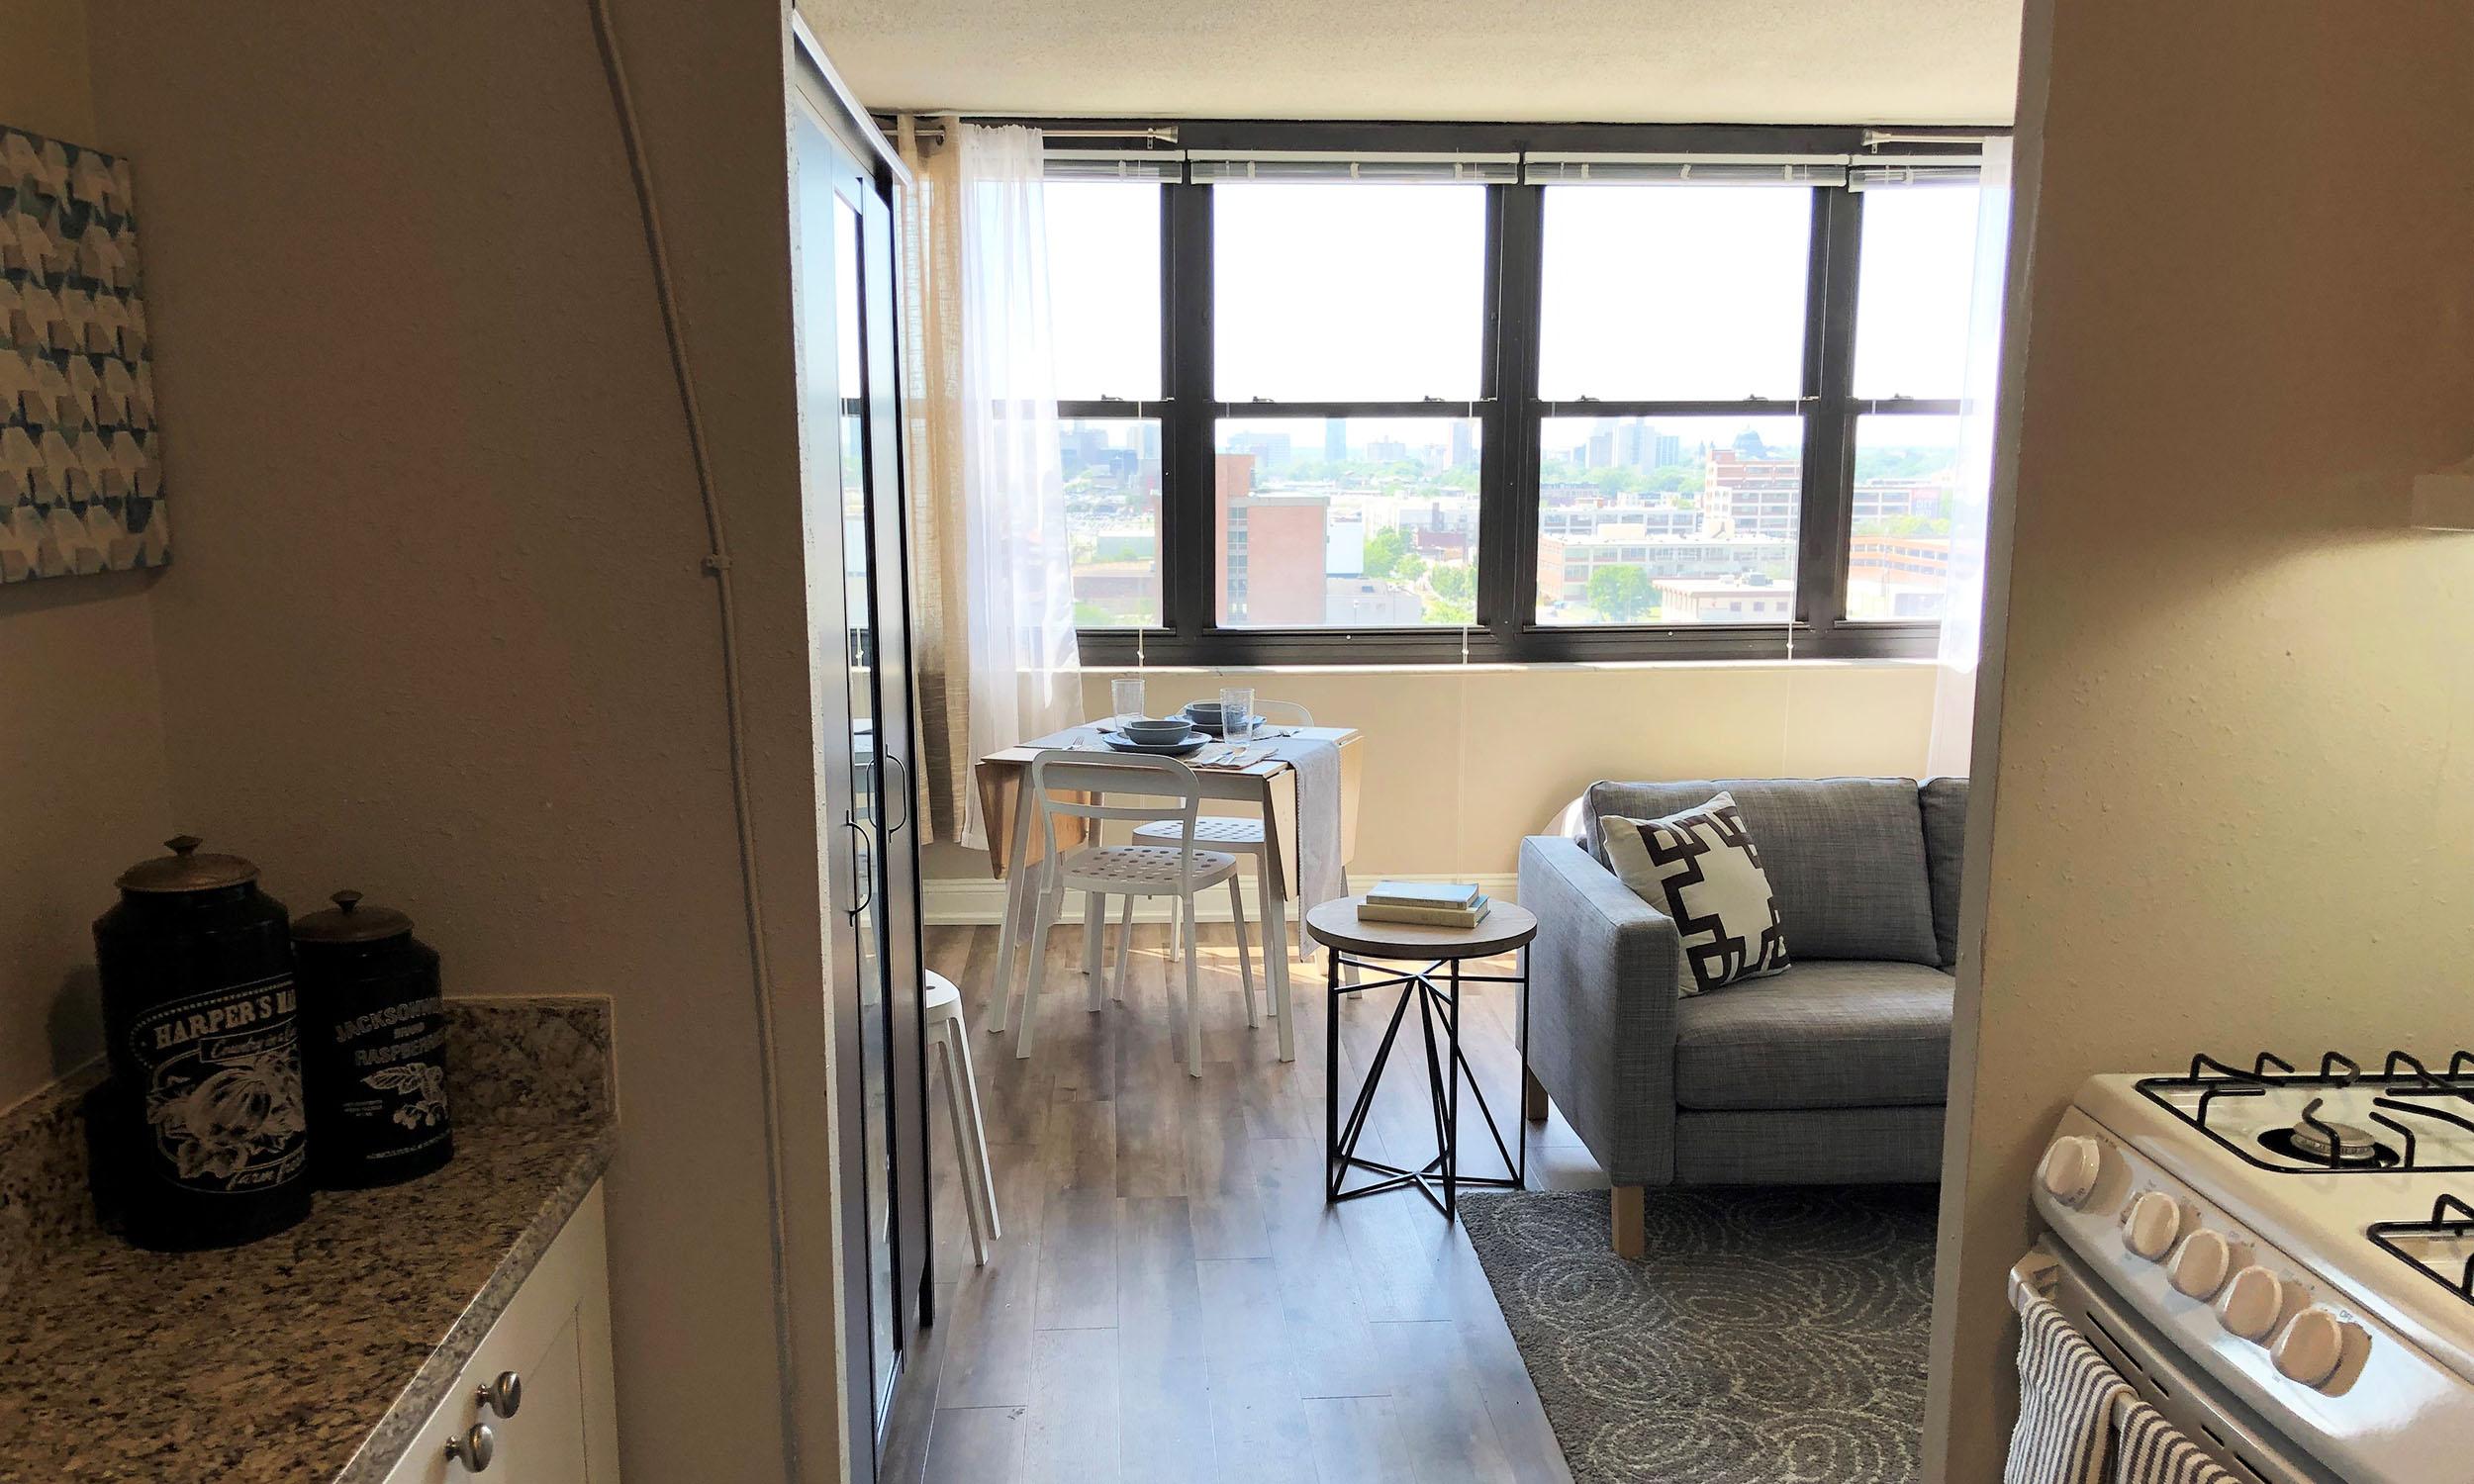 Grandview Apartments | The Wellington Group - Saint Louis